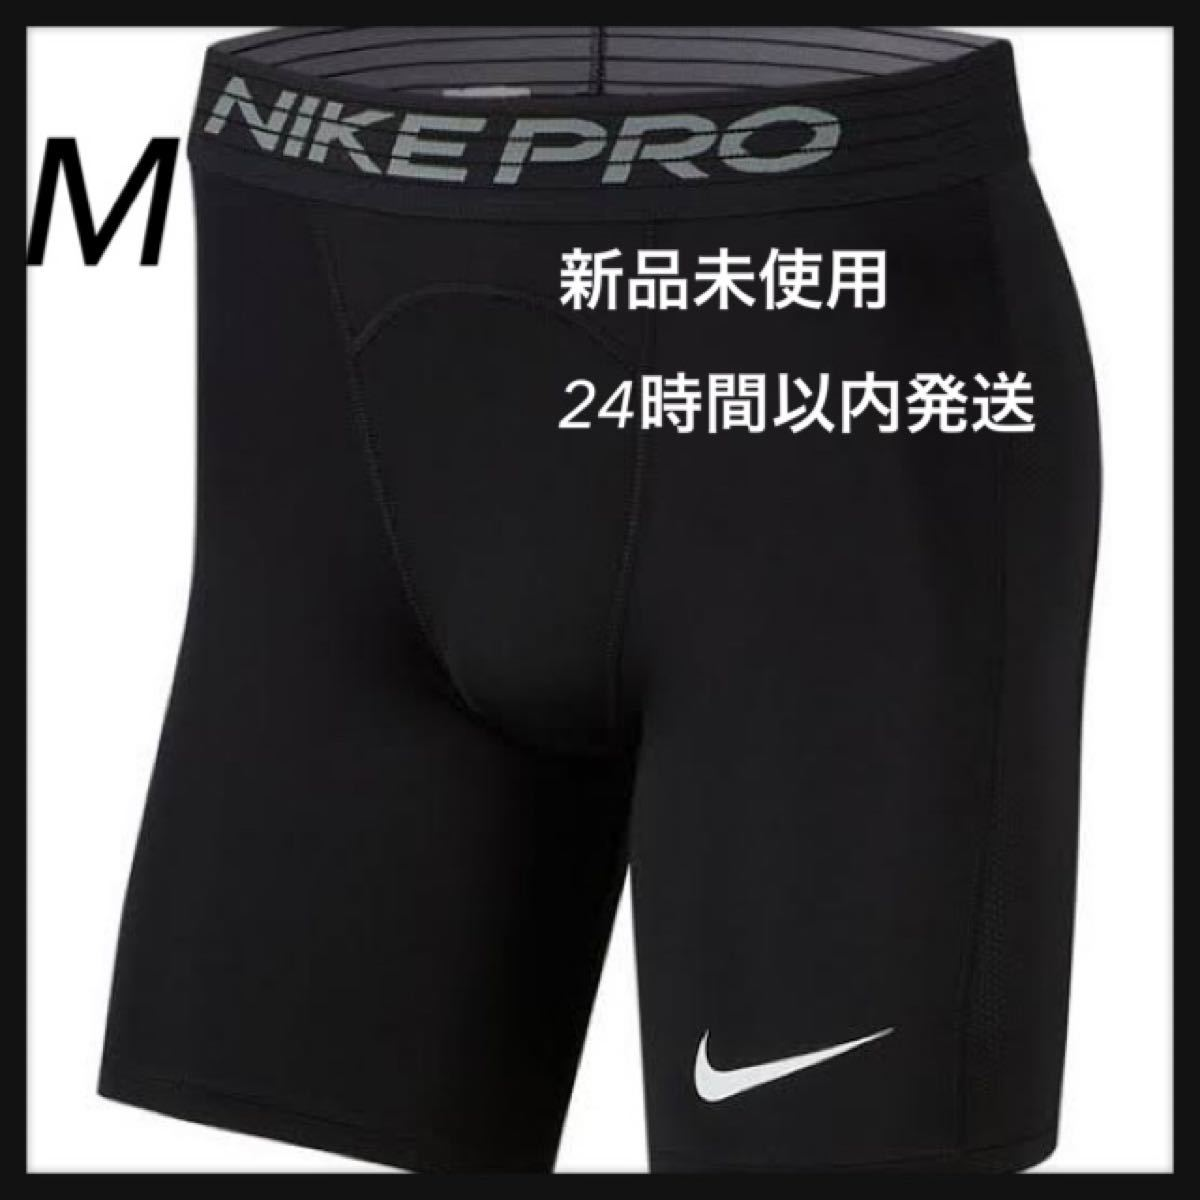 ナイキ NIKE ショートタイツ メンズ スポーツタイツ BV5636 M 黒 コンプレッション